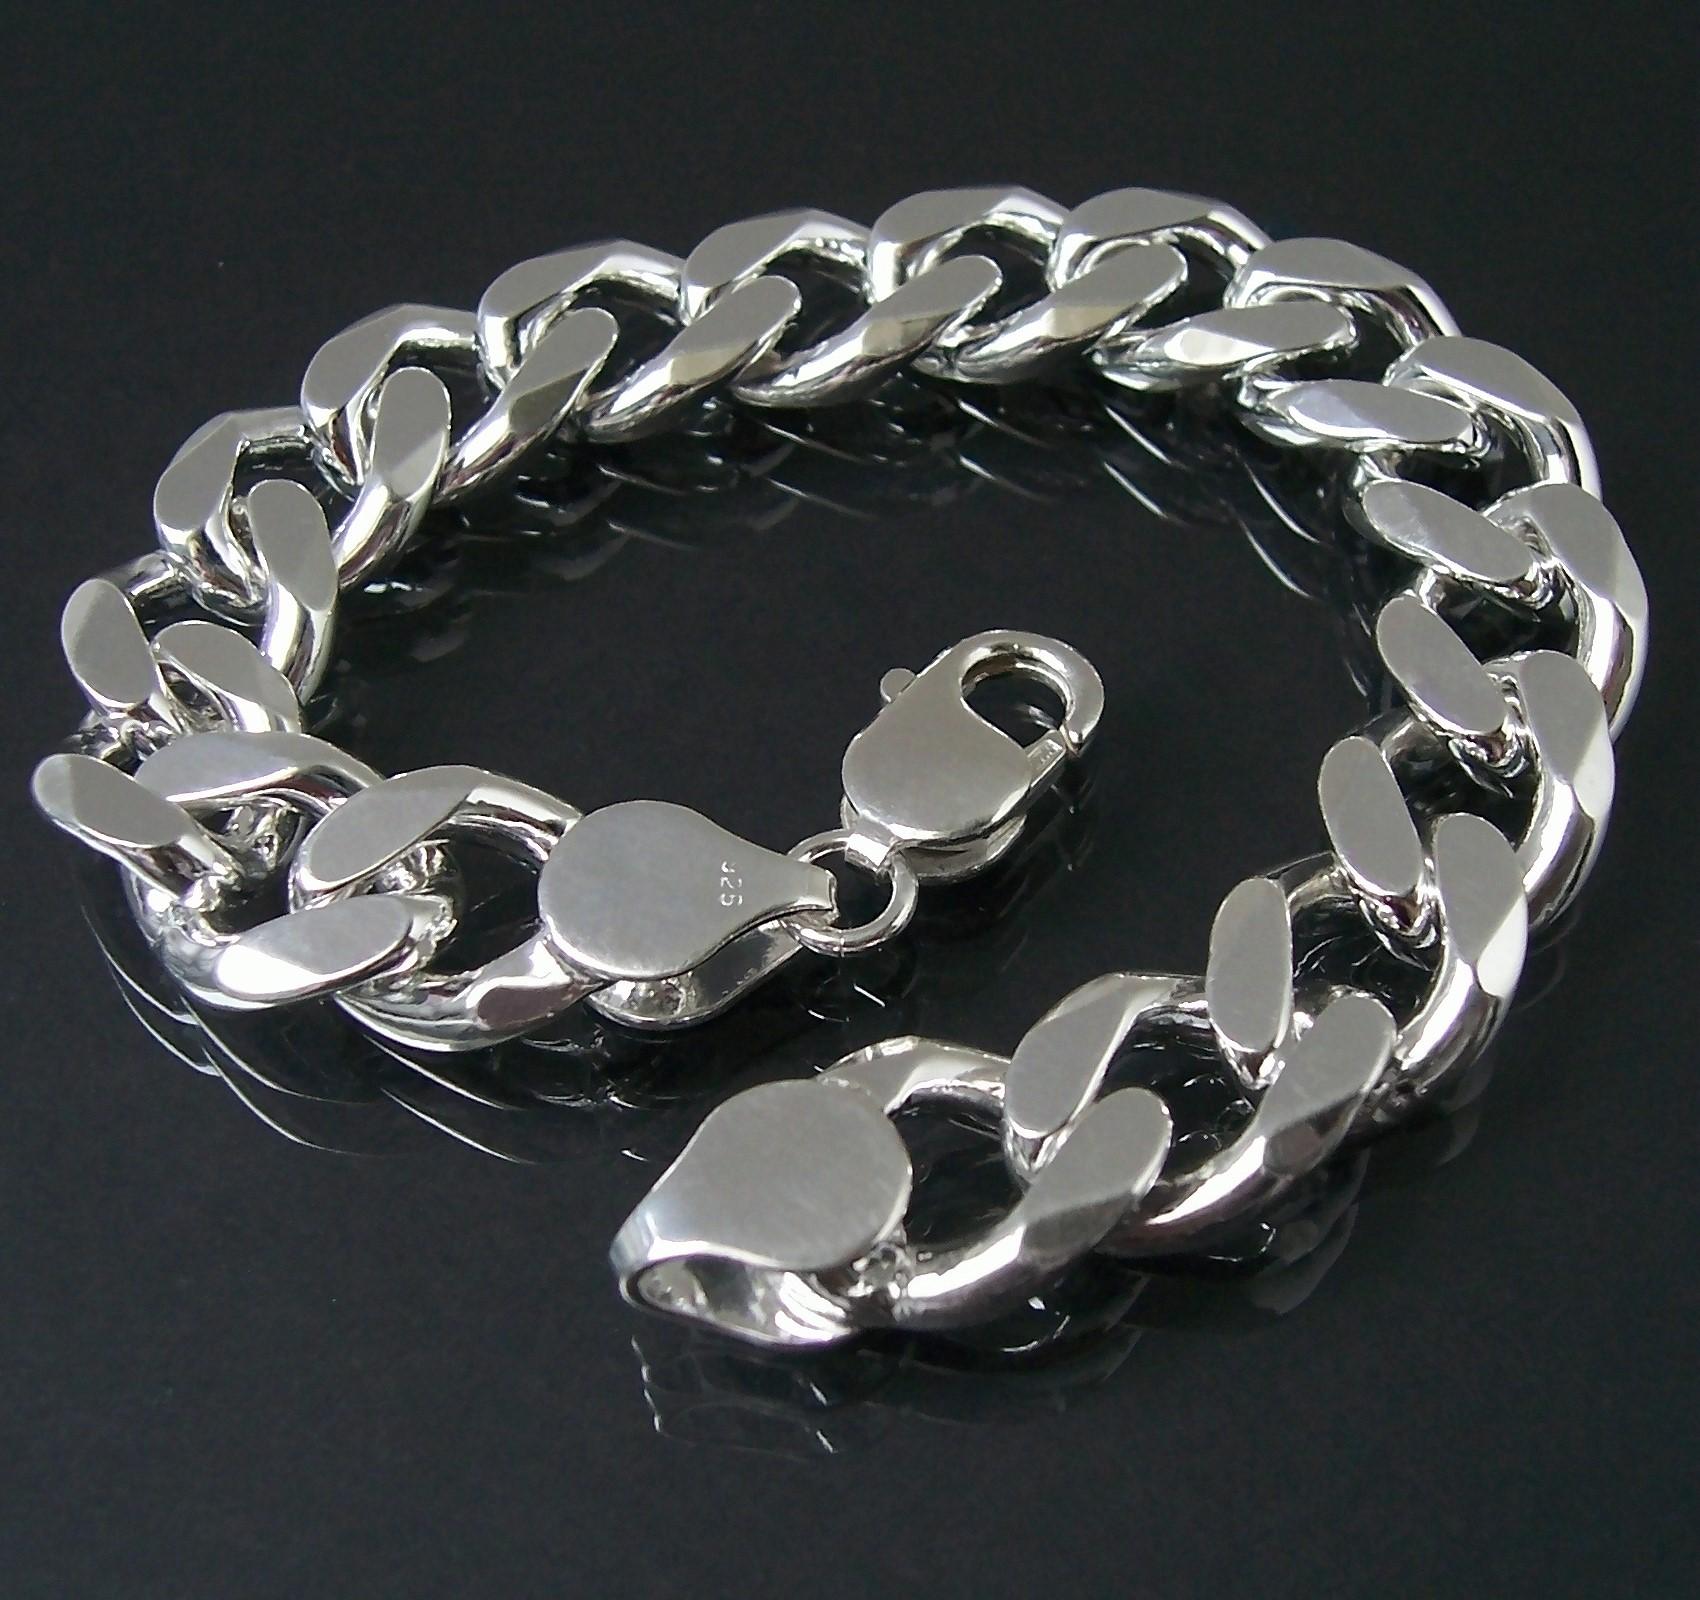 Armband Silberarmband Panzerarmband Sterlingsilber 1,3x 23cm 135130-23